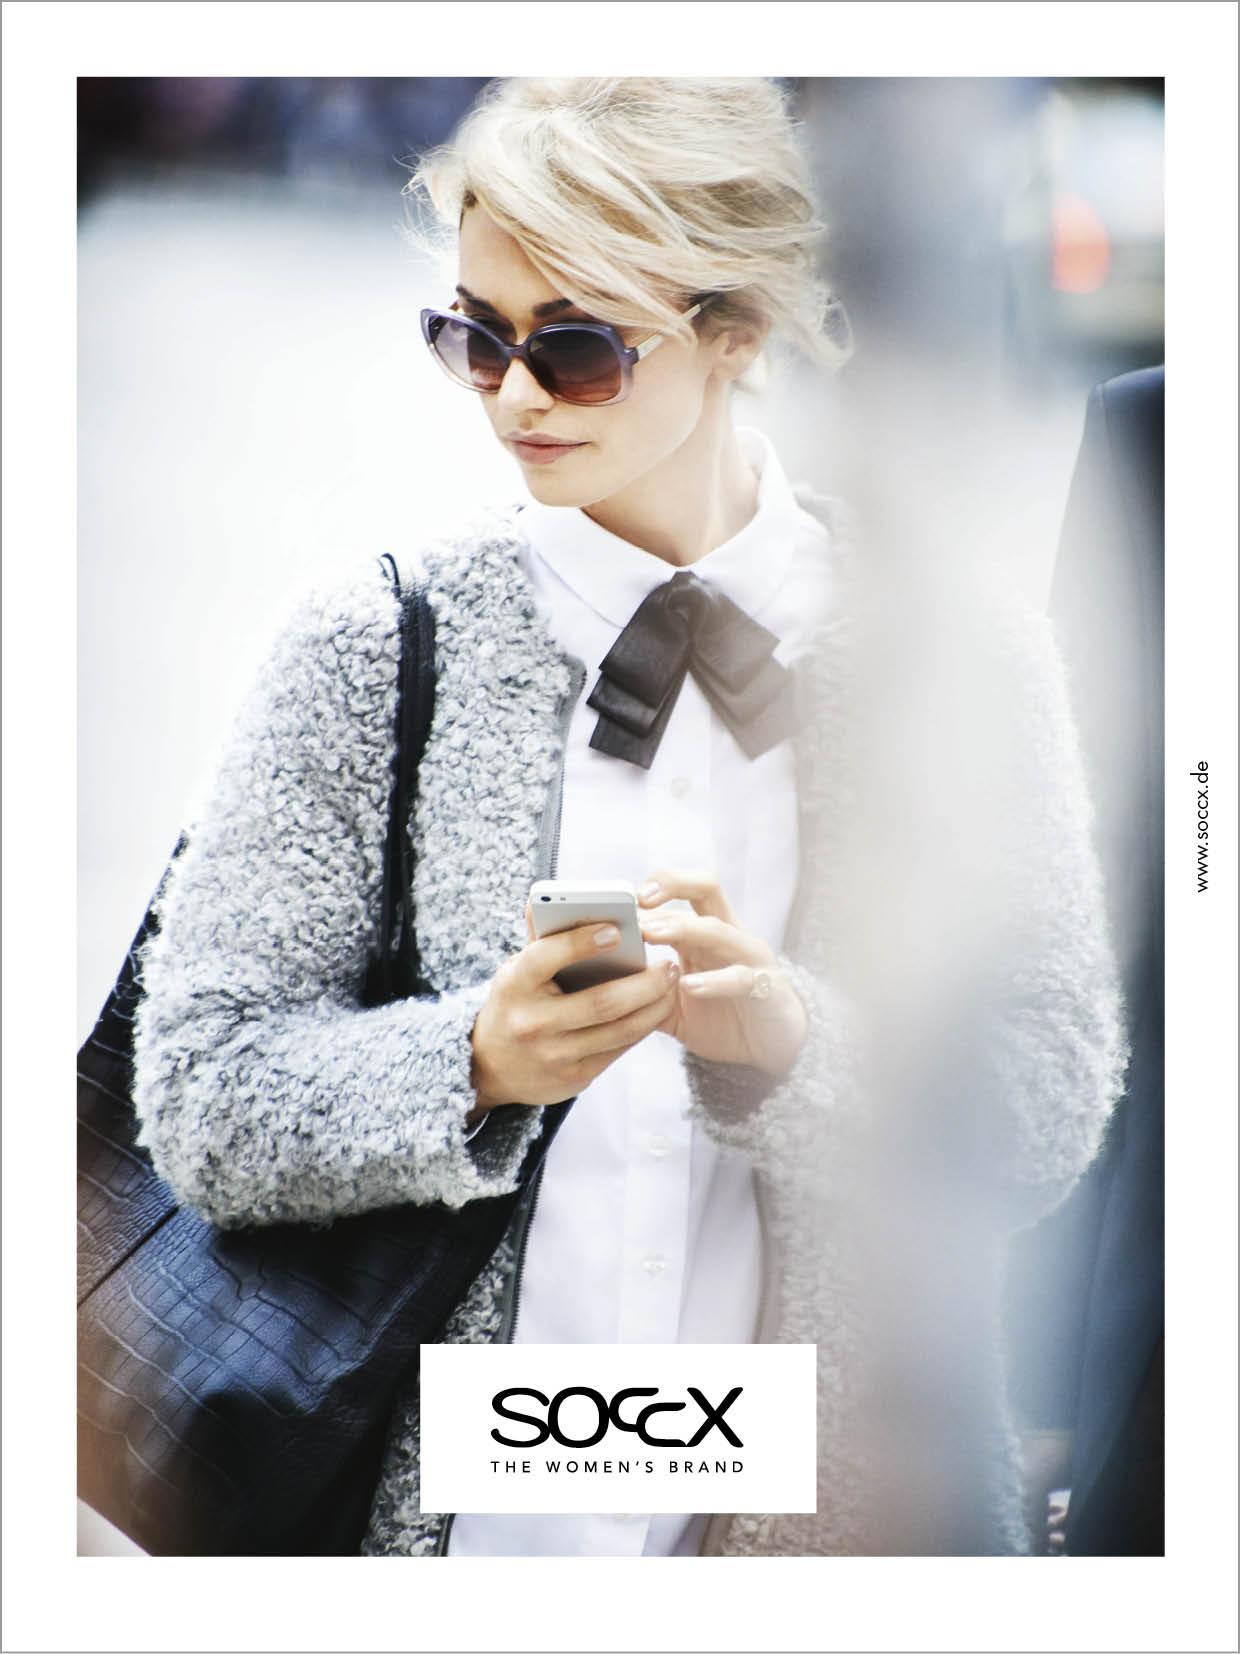 Soccx_Anzeigen.jpg